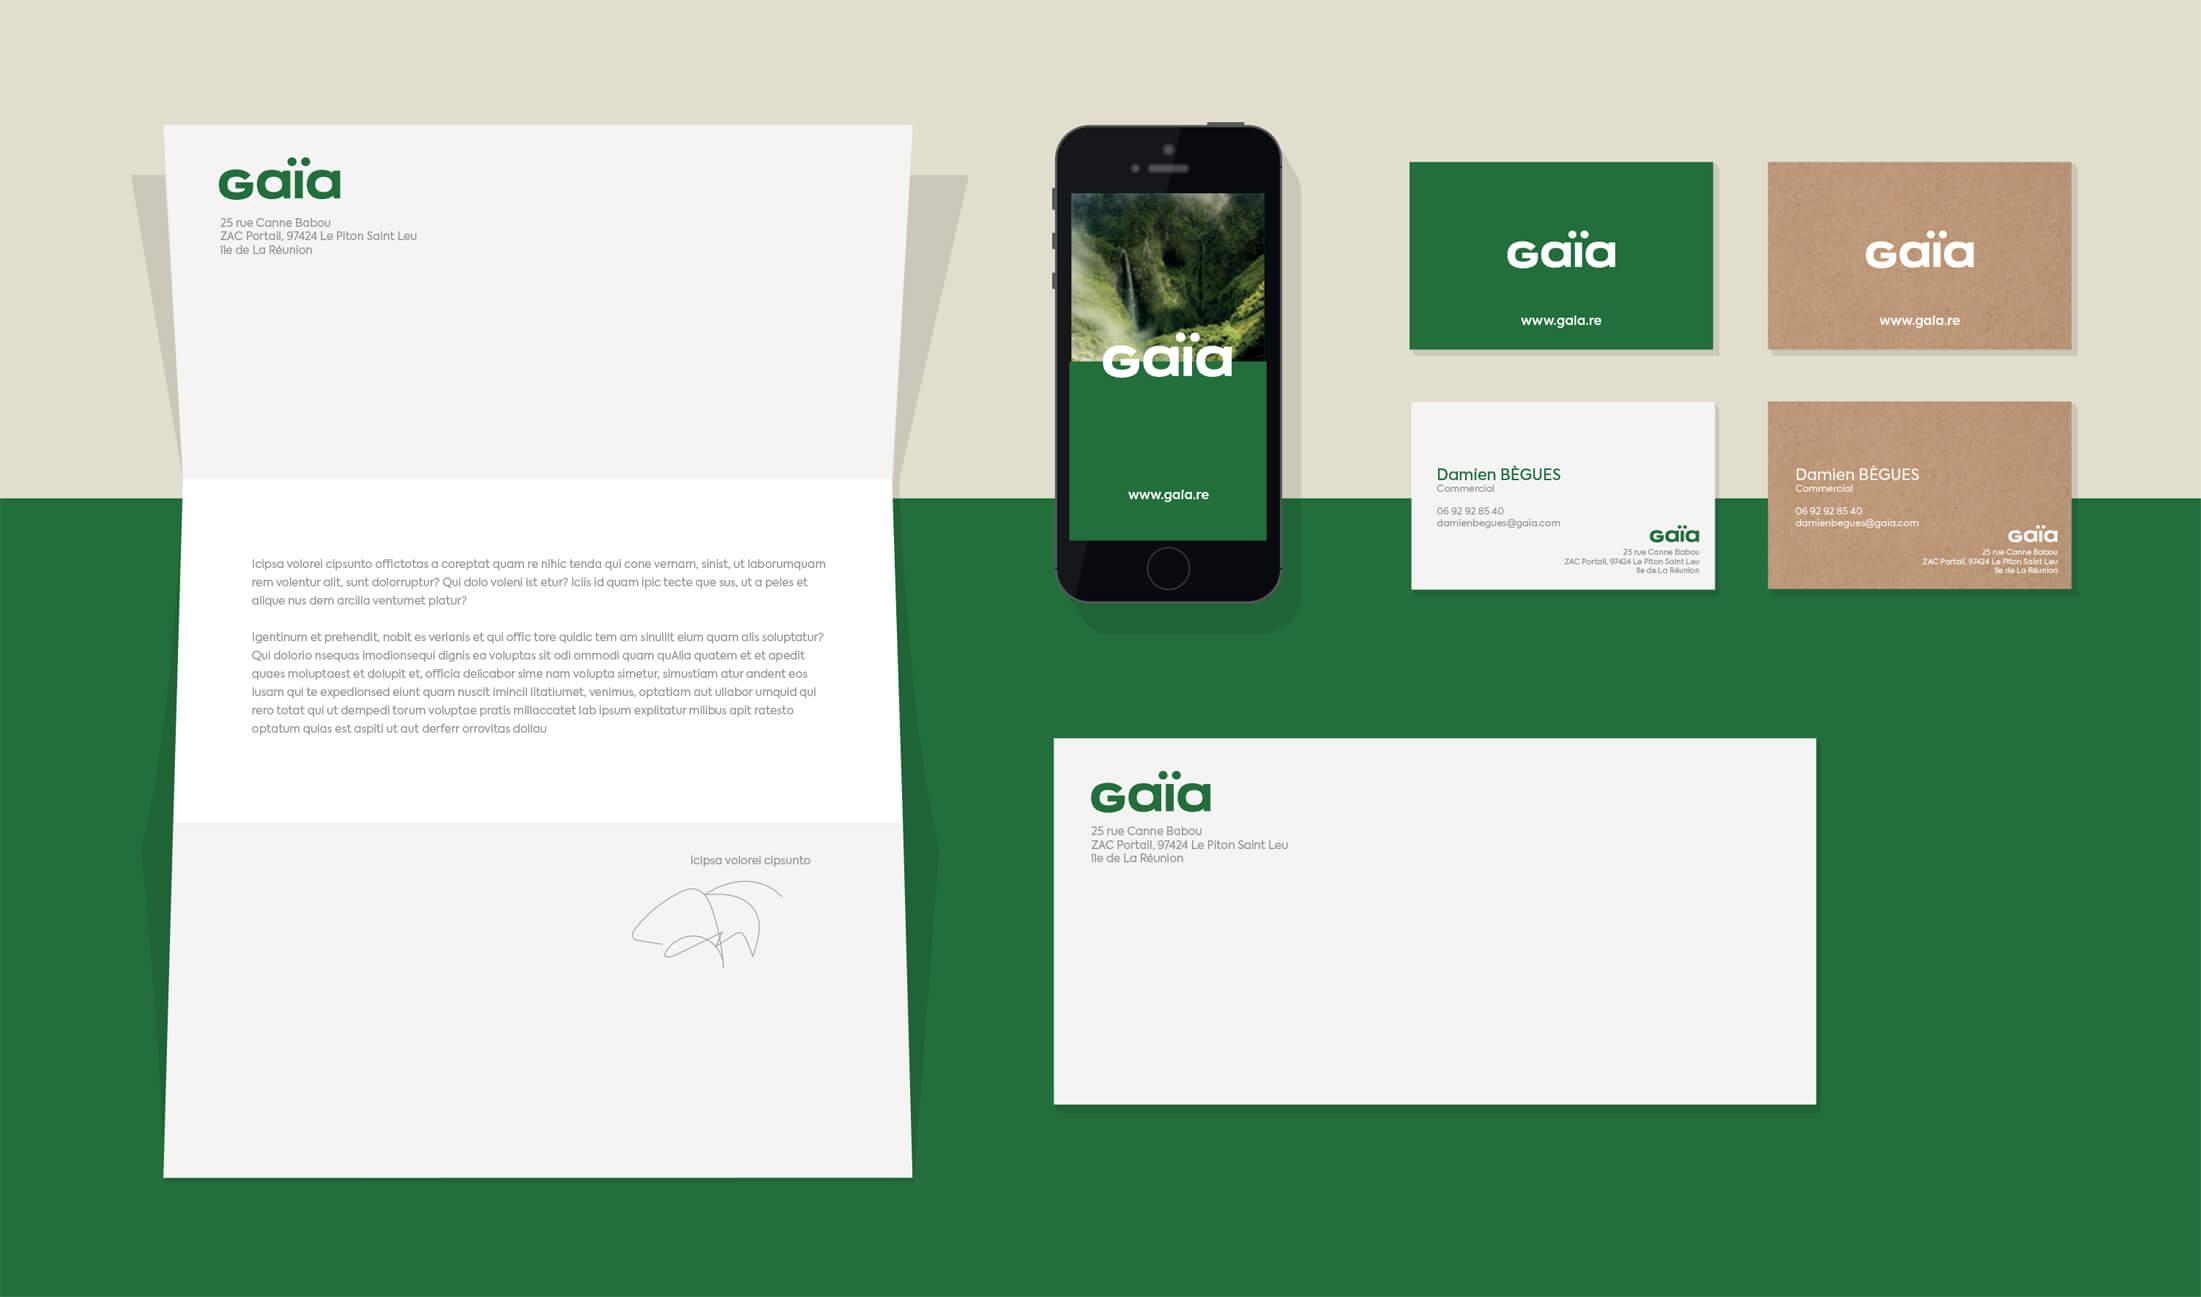 Nouvelle identité Gaïa - Supports de com traditionnels et digital